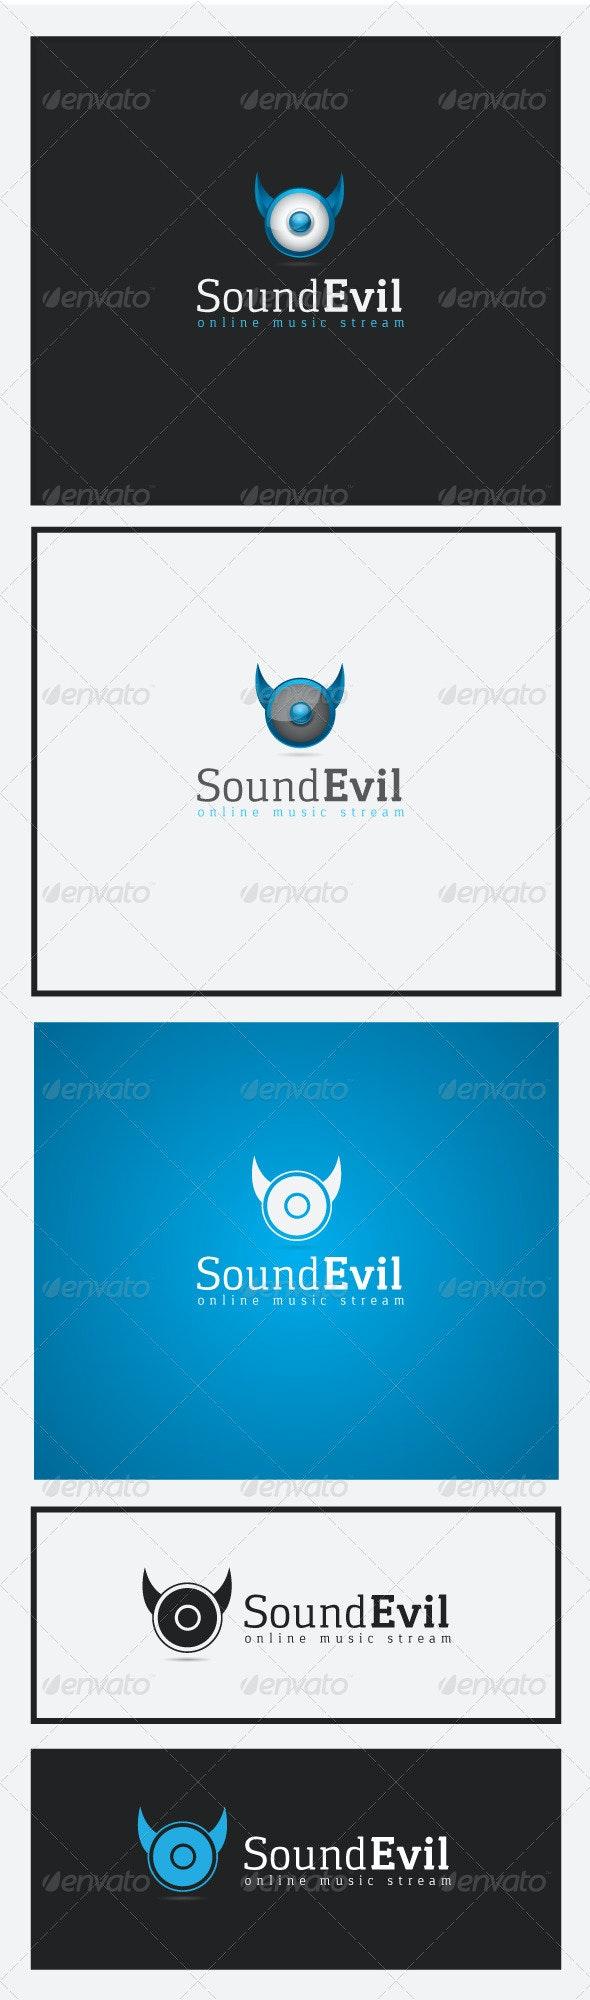 Sound Evil Logo - Vector Abstract